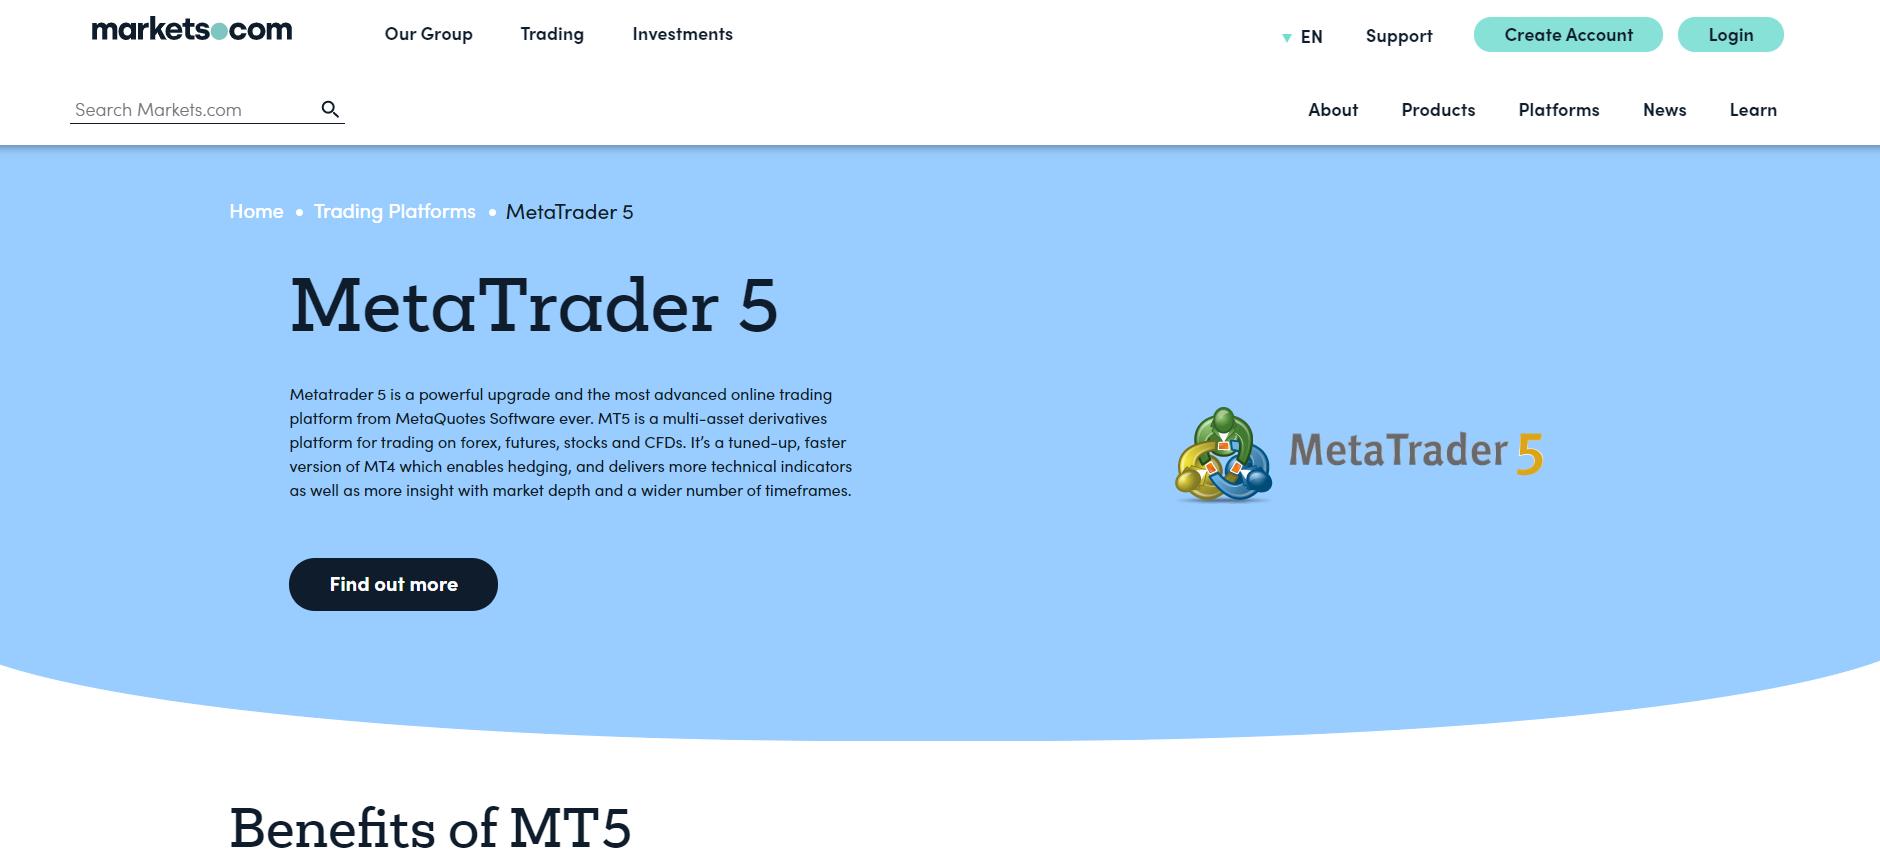 Markets.com official website